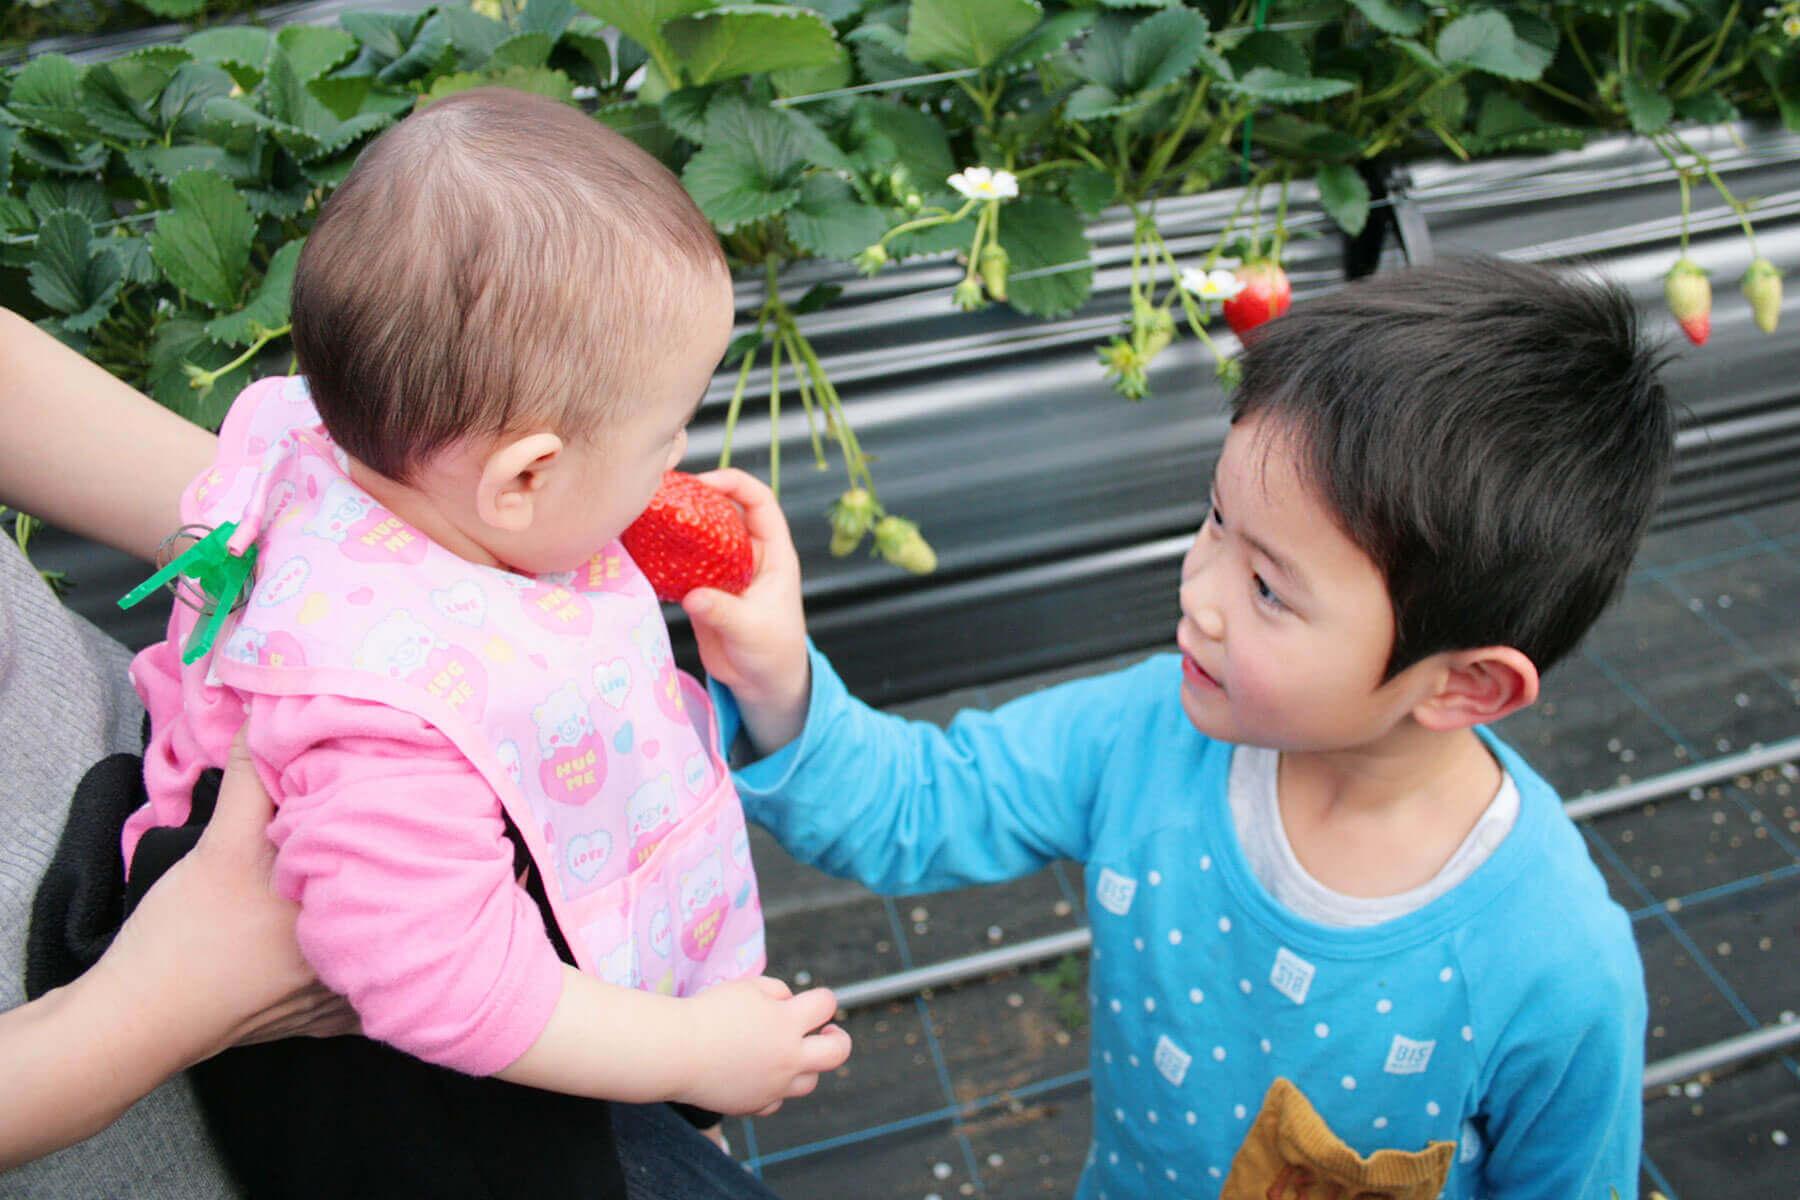 赤ちゃんに苺を食べさせる男の子